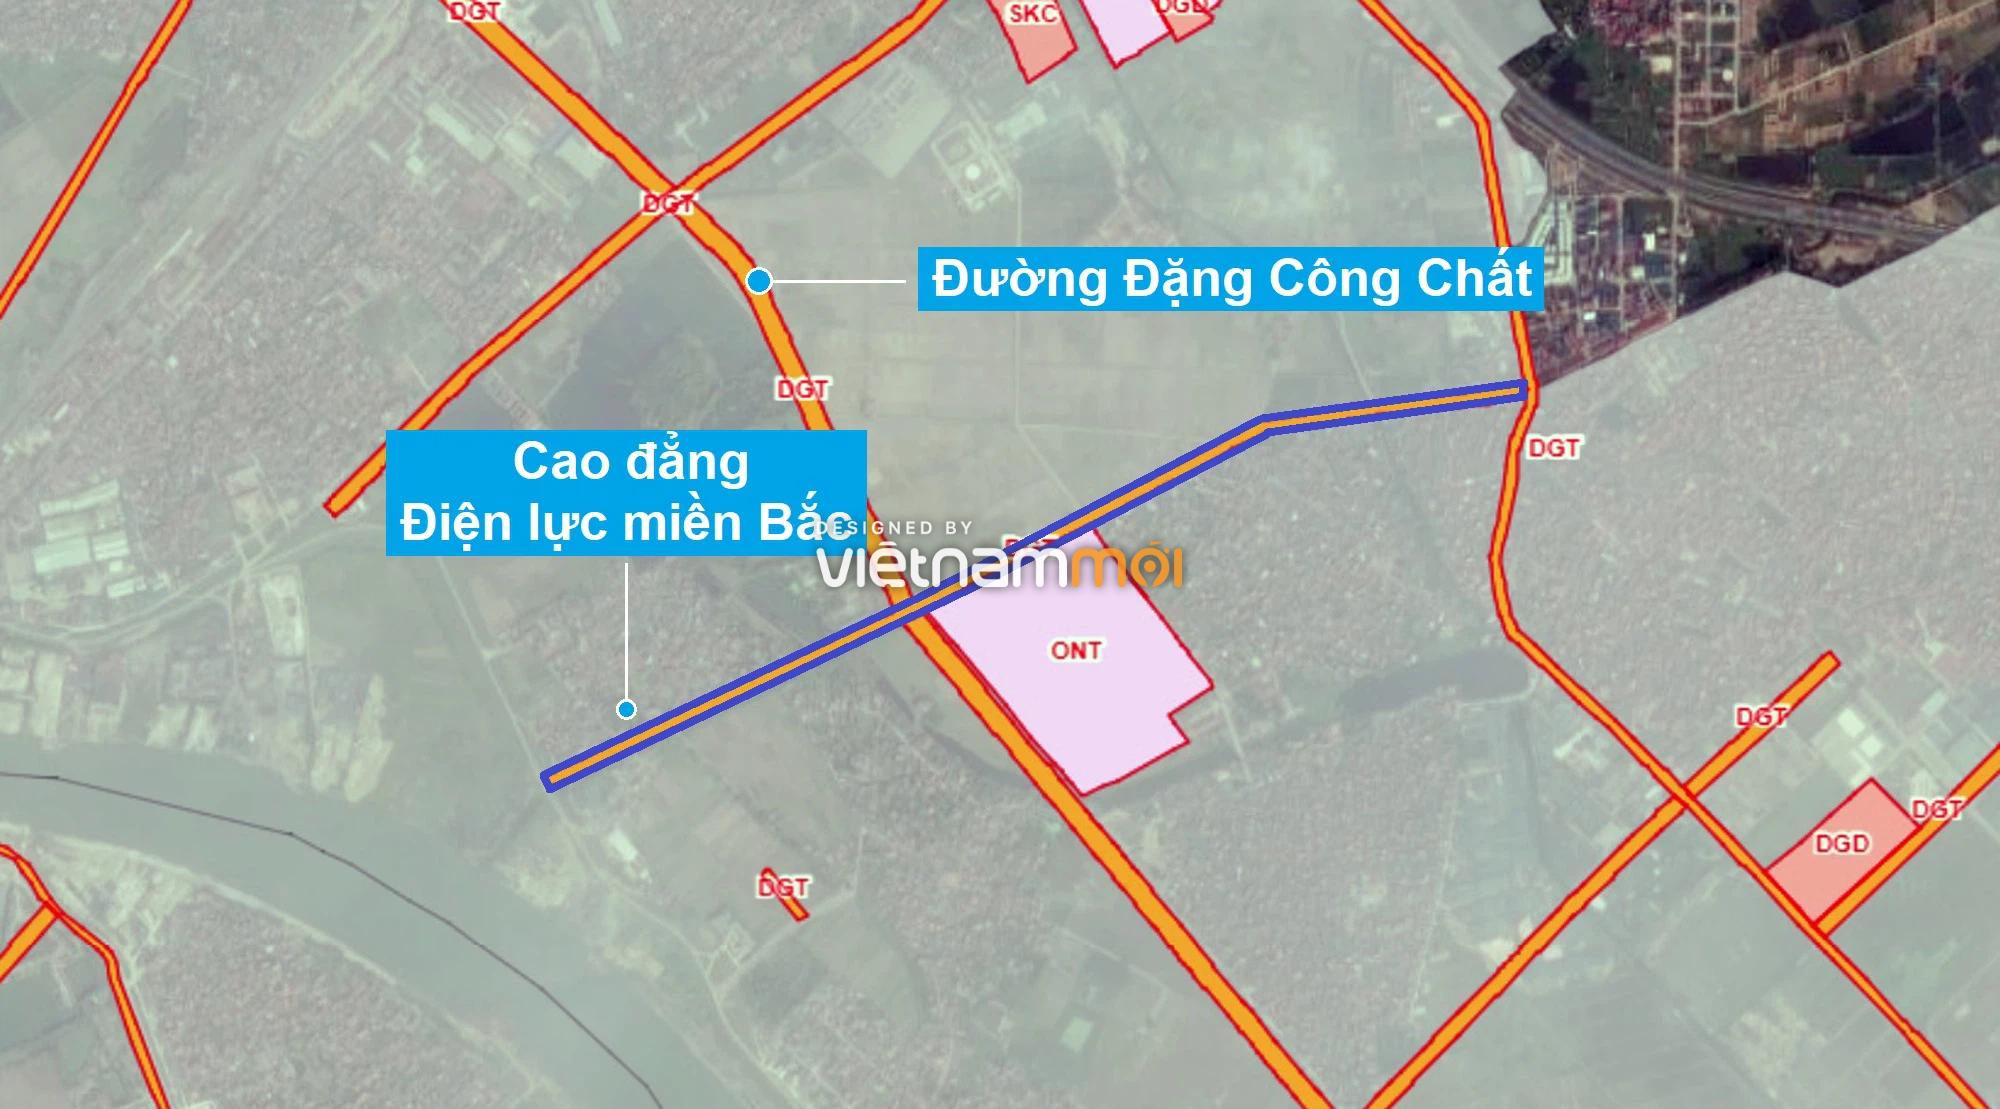 Những khu đất sắp thu hồi để mở đường ở huyện Gia Lâm, Hà Nội (phần 1) - Ảnh 9.